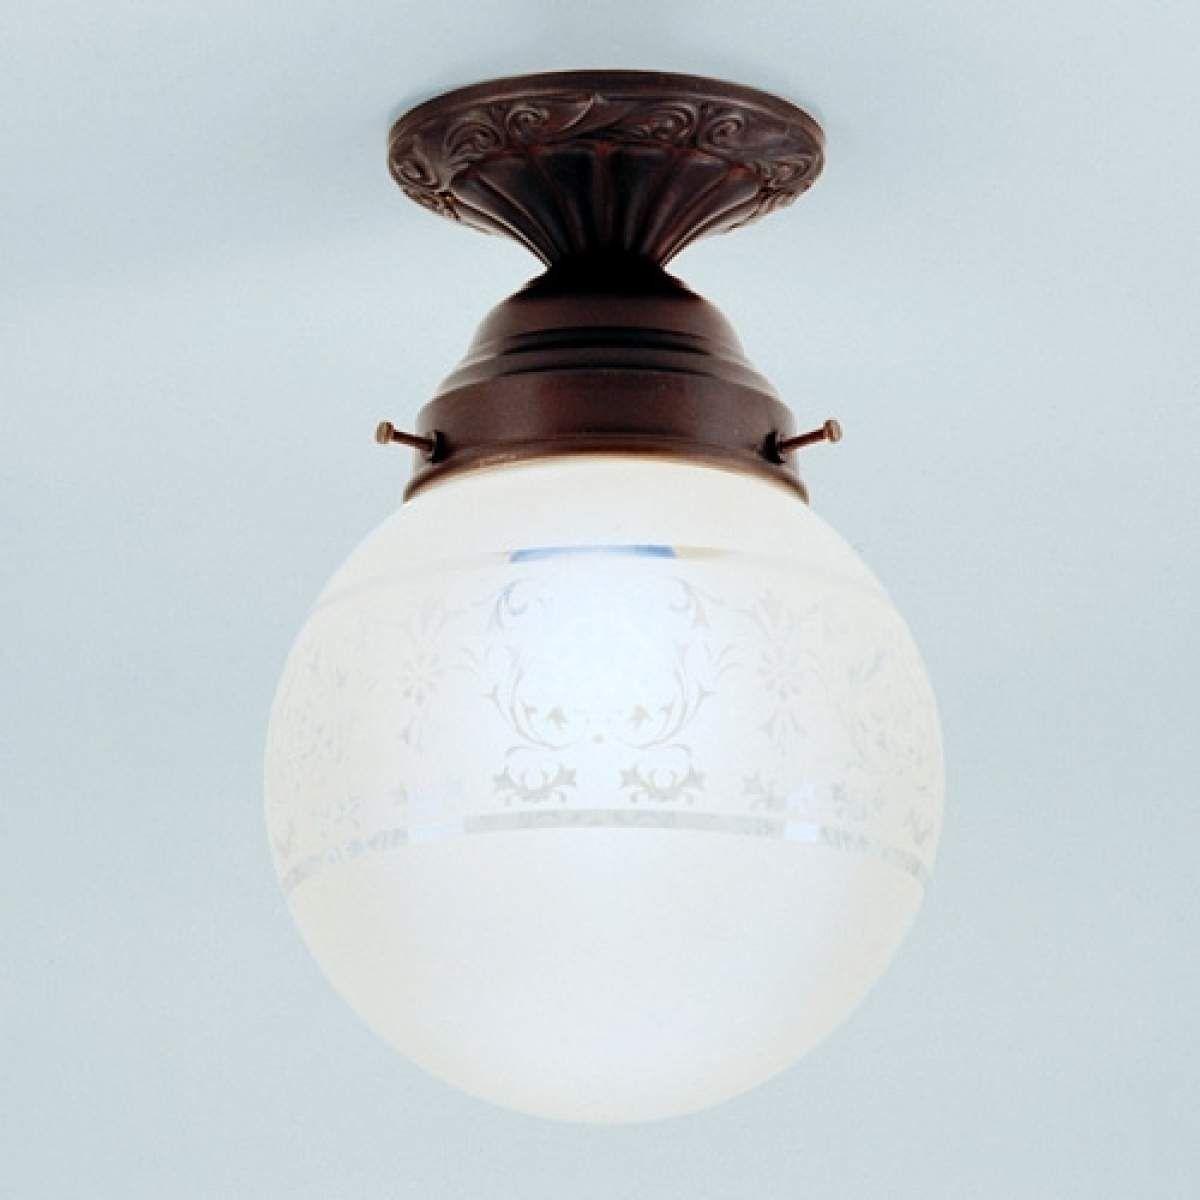 Jack Eine Handgearbeitete Deckenleuchte Von Berliner Messinglamp Beleuchtung Decke Lampen Indirekte Beleuchtung Selber Bauen